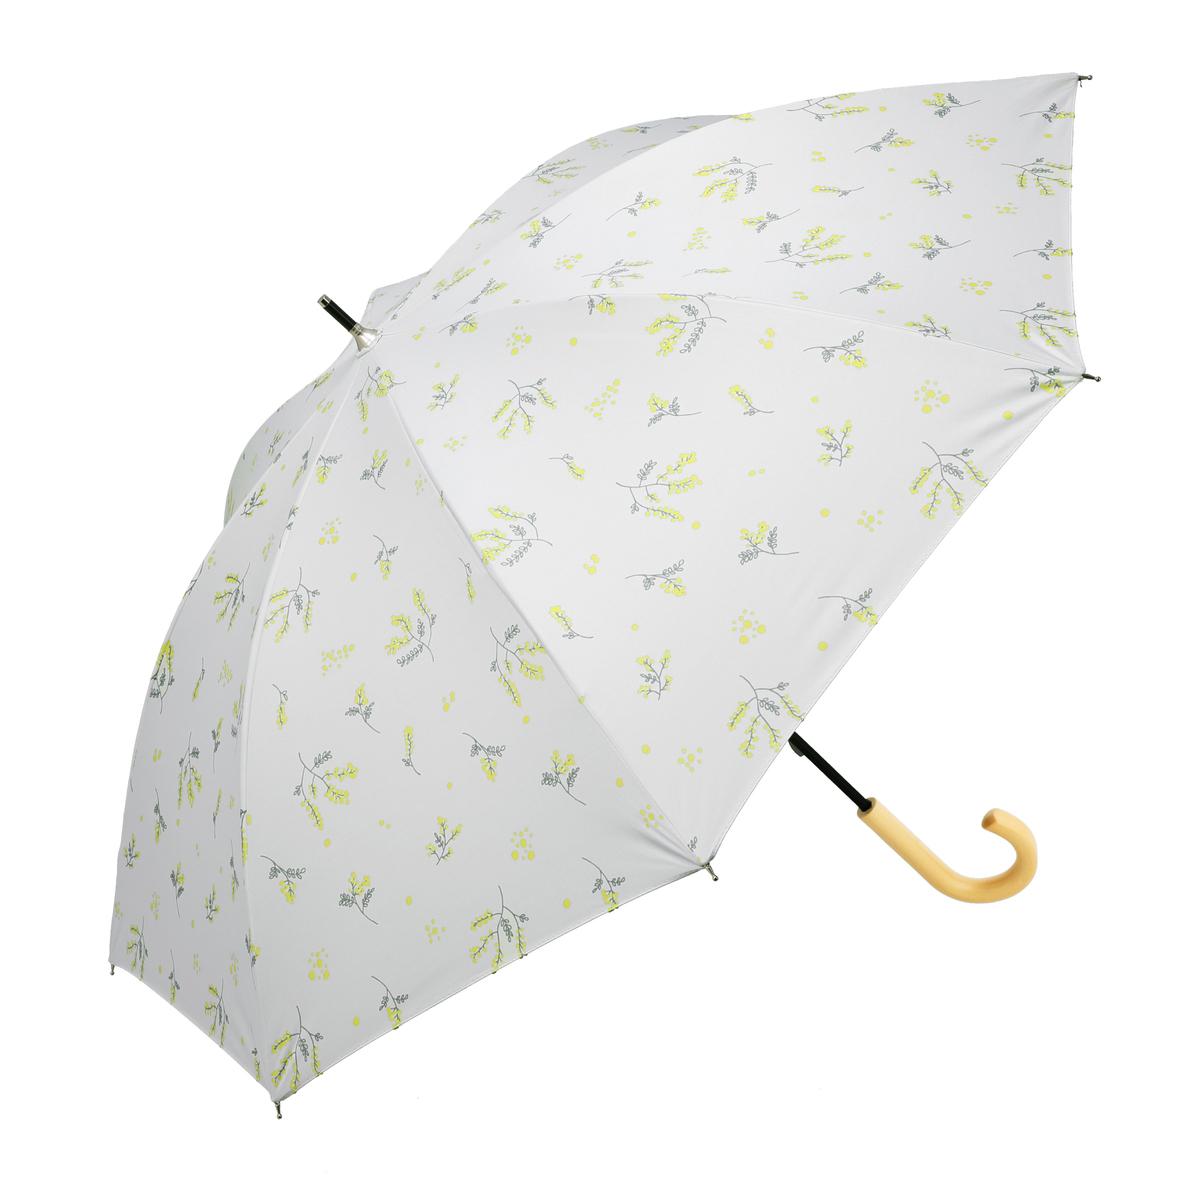 ルナジュメール UV+1級遮光+晴雨兼用 プリントショート傘